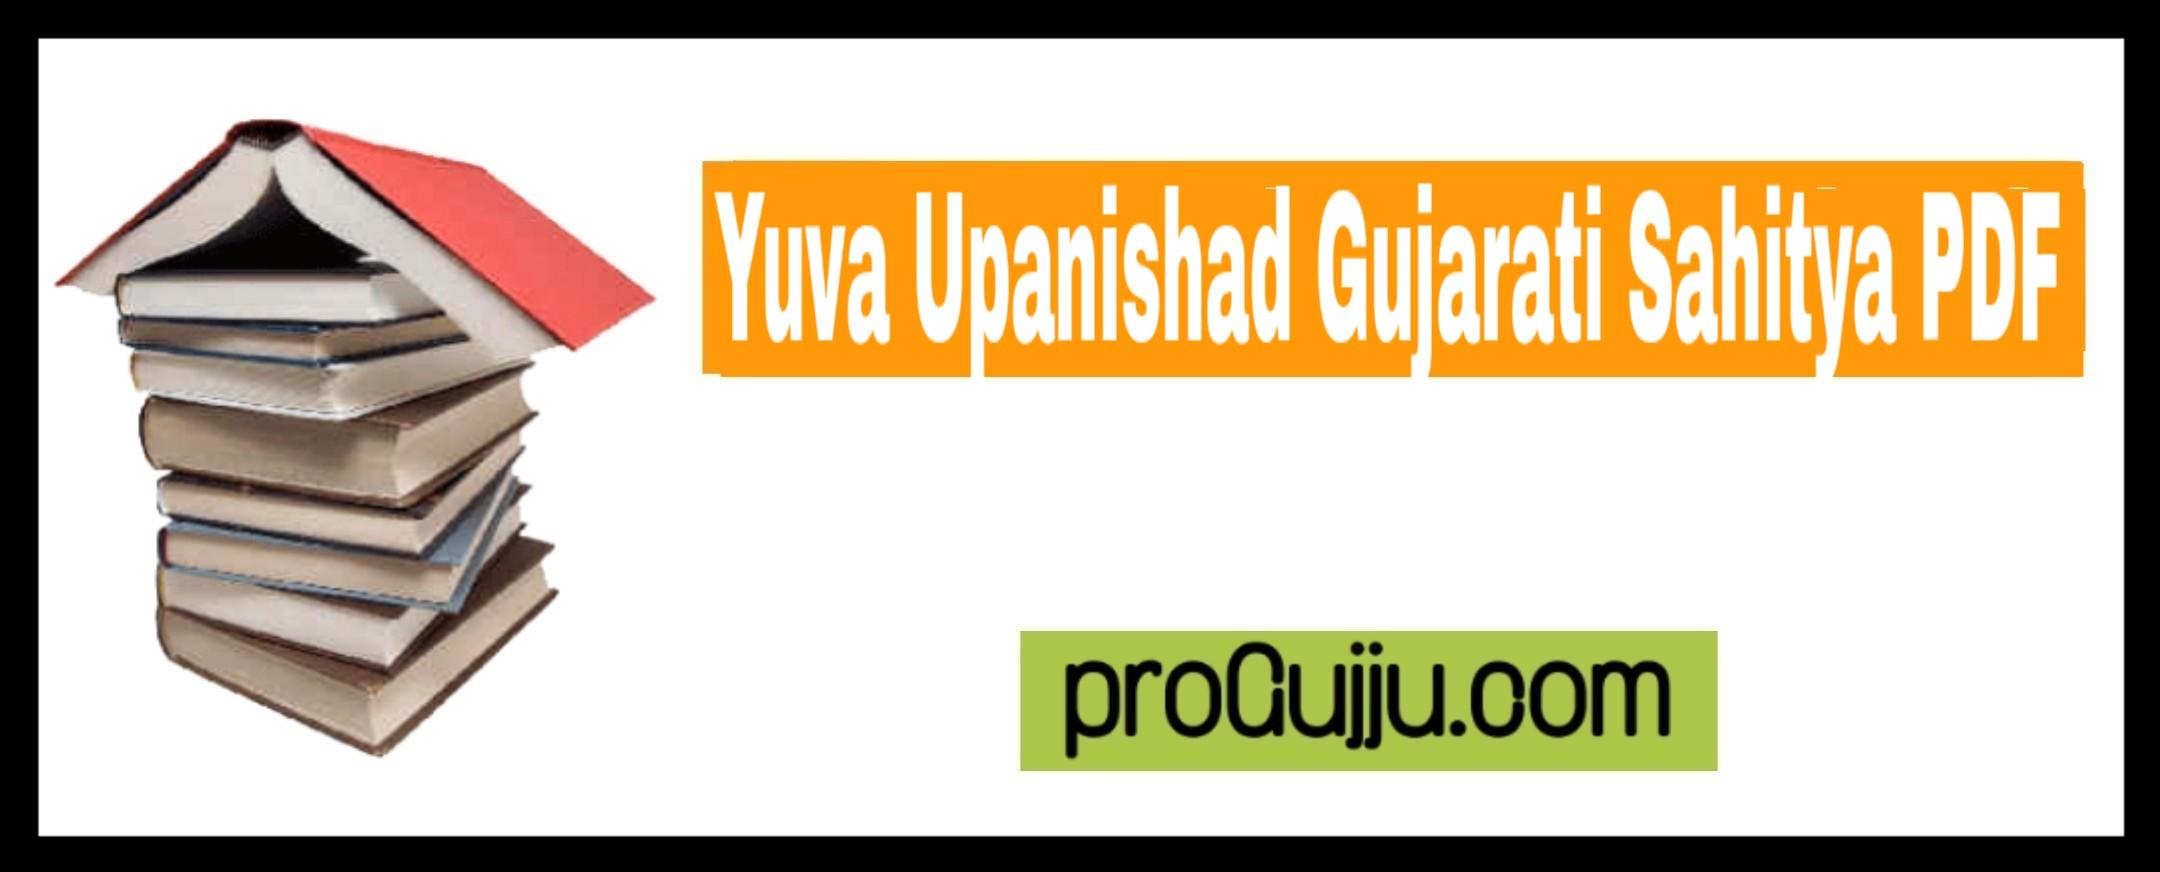 Yuva Upnishad Gujarati Sahitya PDF